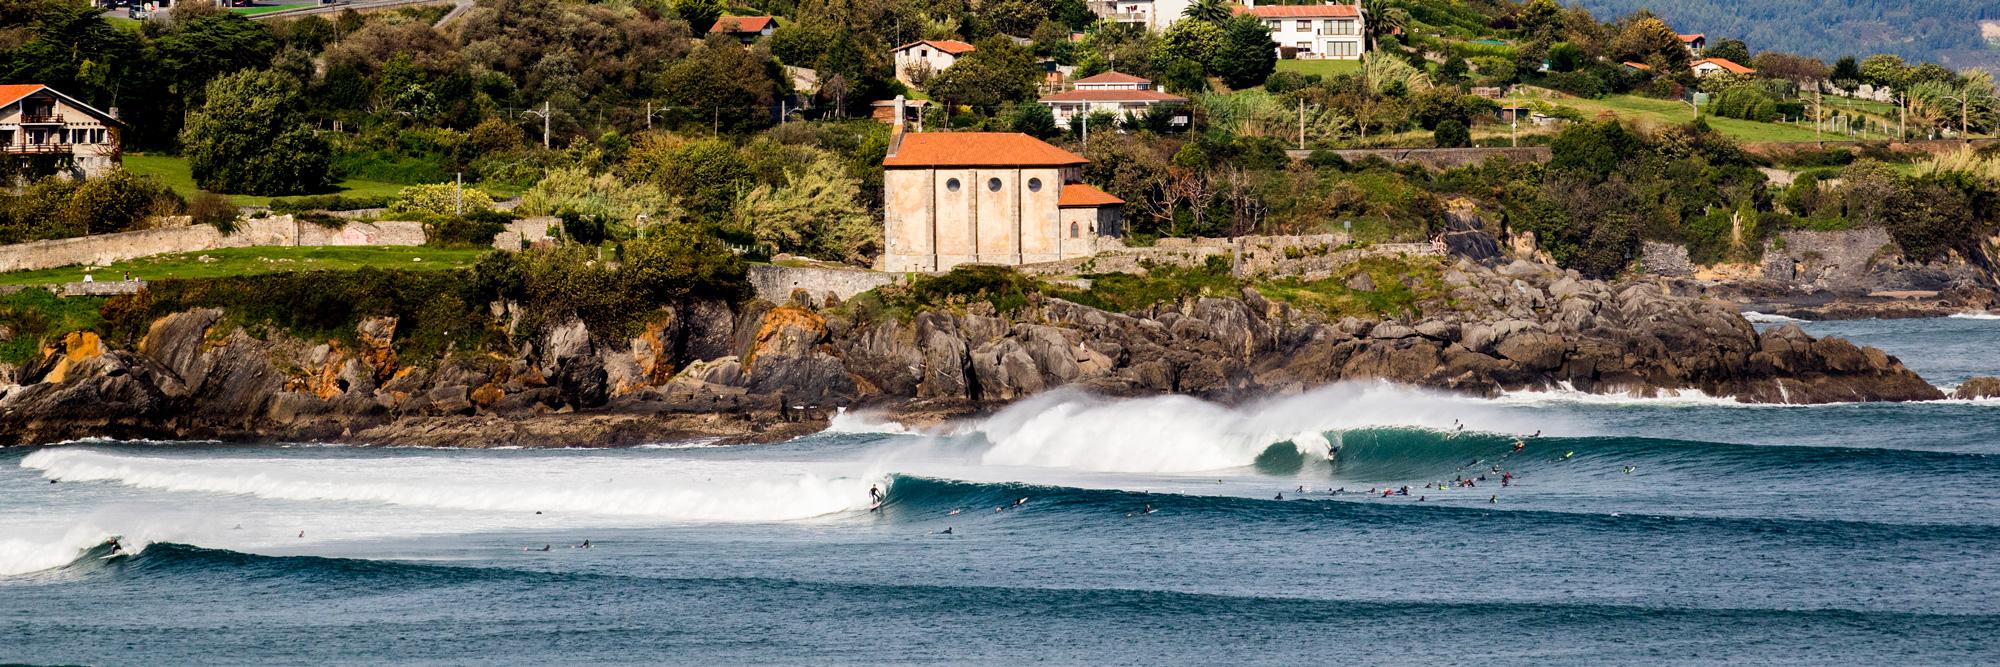 Europe's Longest Waves - Wavelength Surf Magazine - since 1981